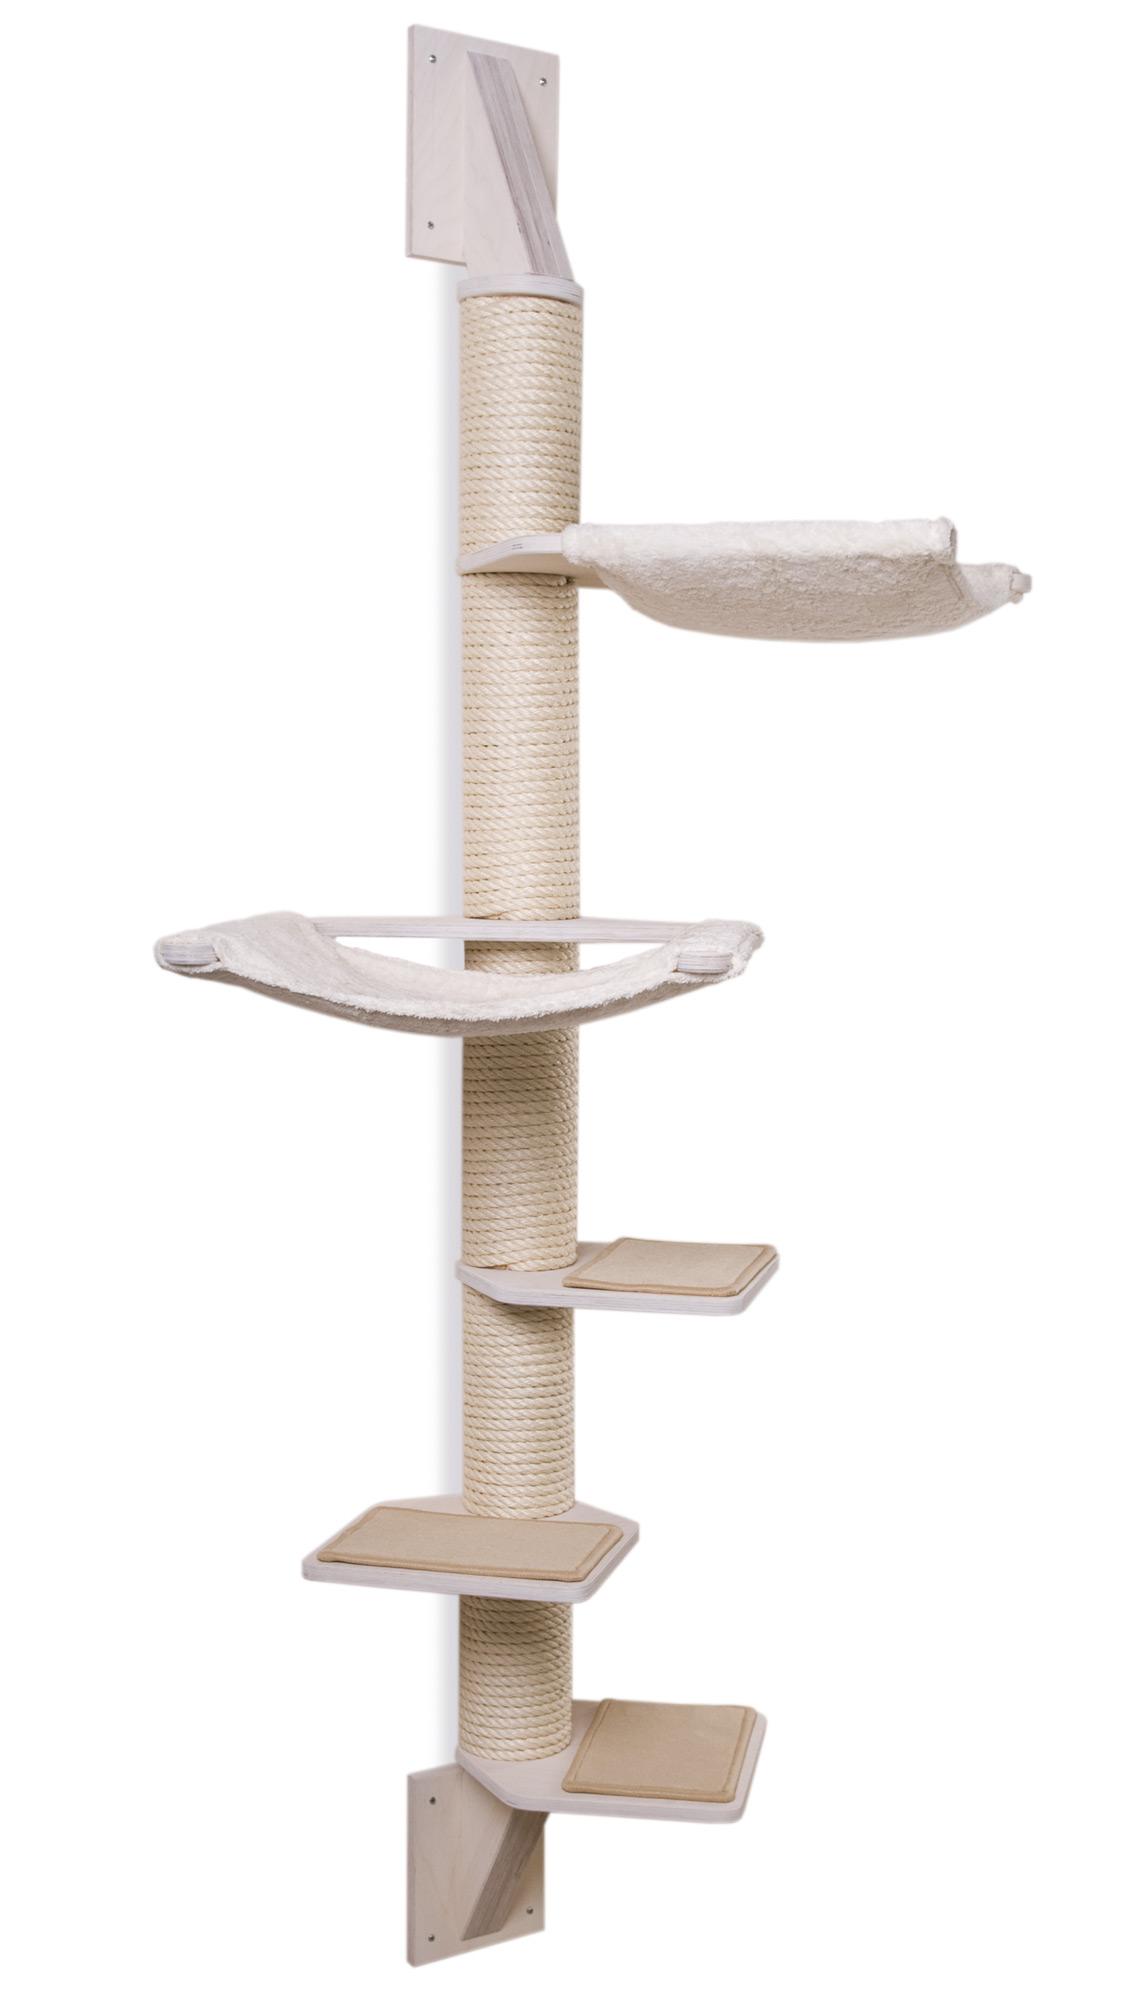 wandkratzbaum modell martha variante weiss profeline katzenshop. Black Bedroom Furniture Sets. Home Design Ideas